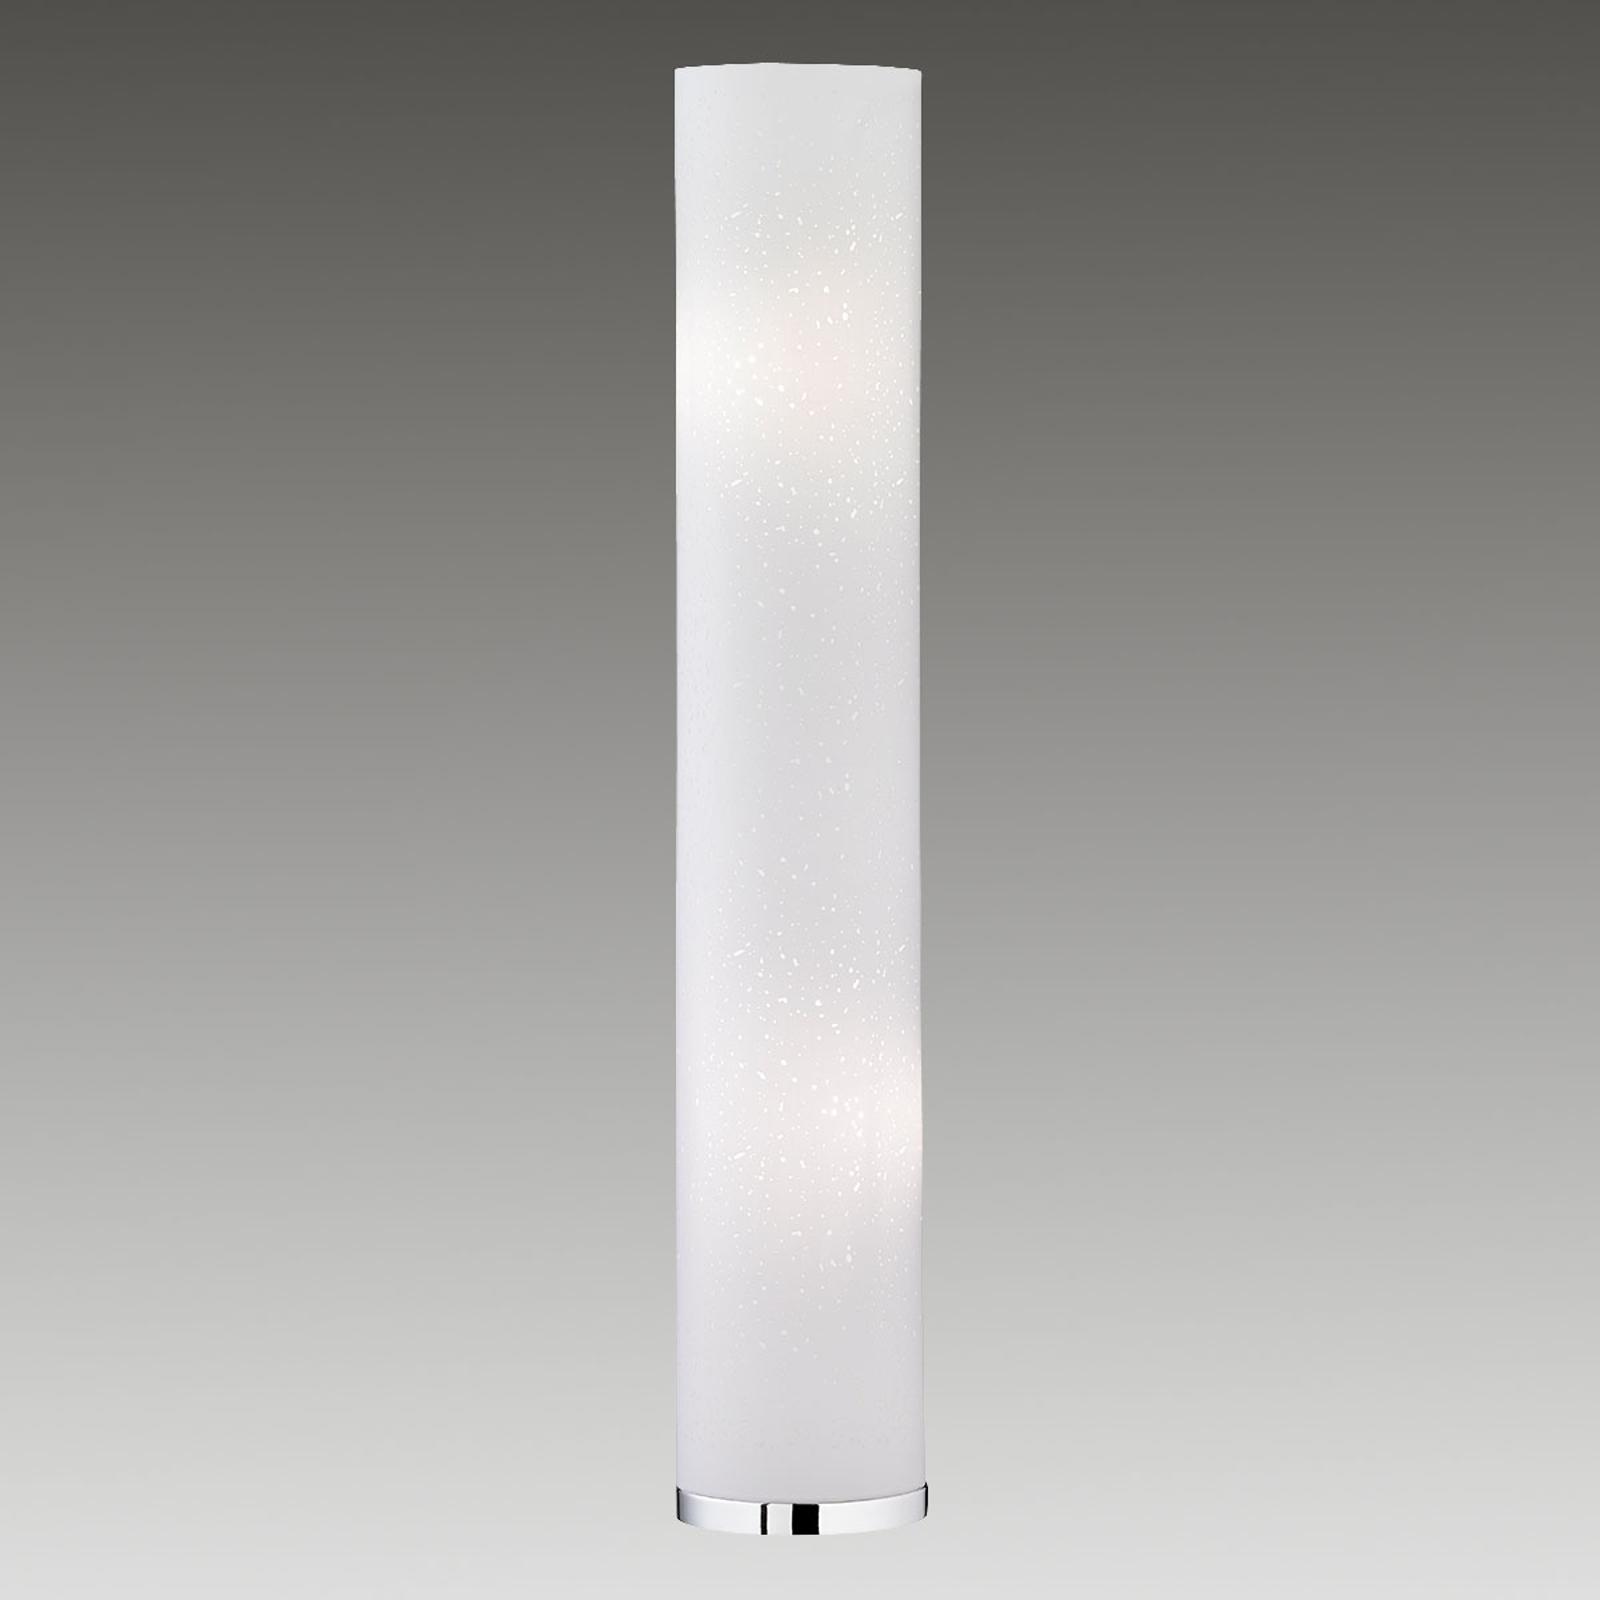 Stehleuchte Thor 110 cm in Weiß